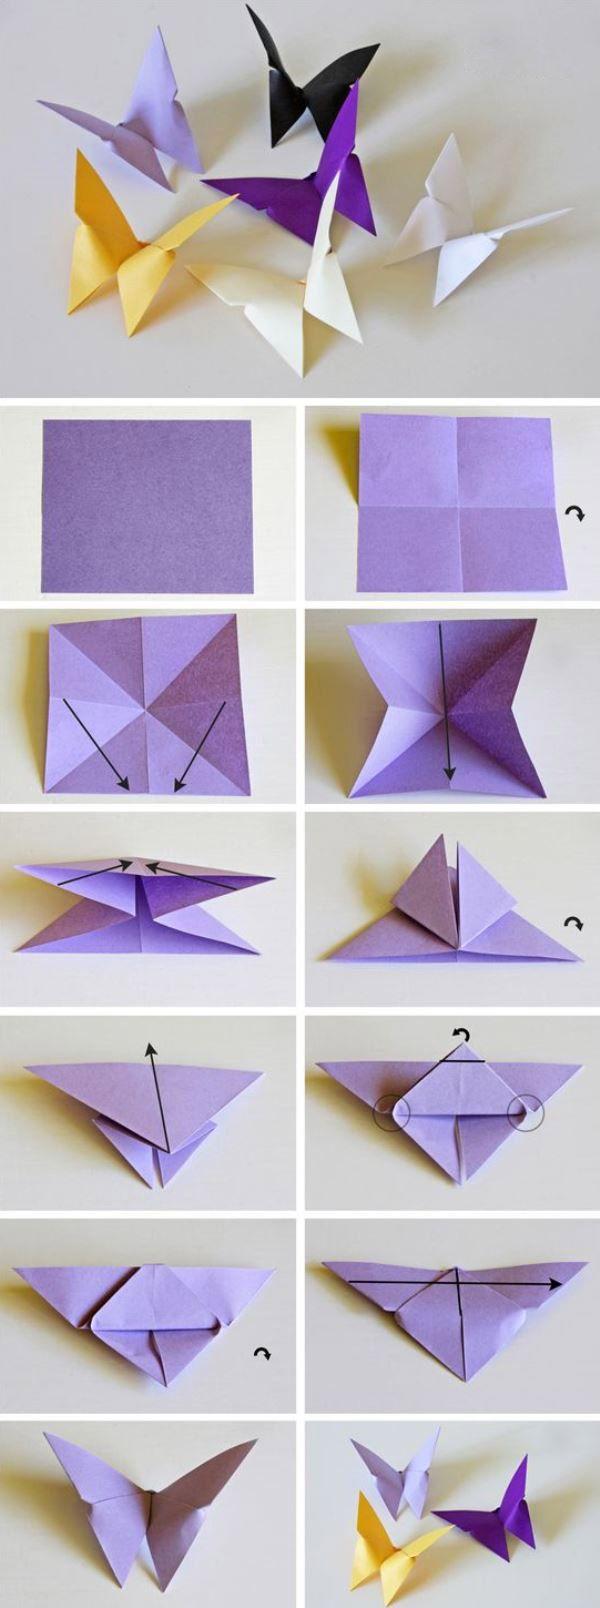 Бабочки оригами из бумаги на стену